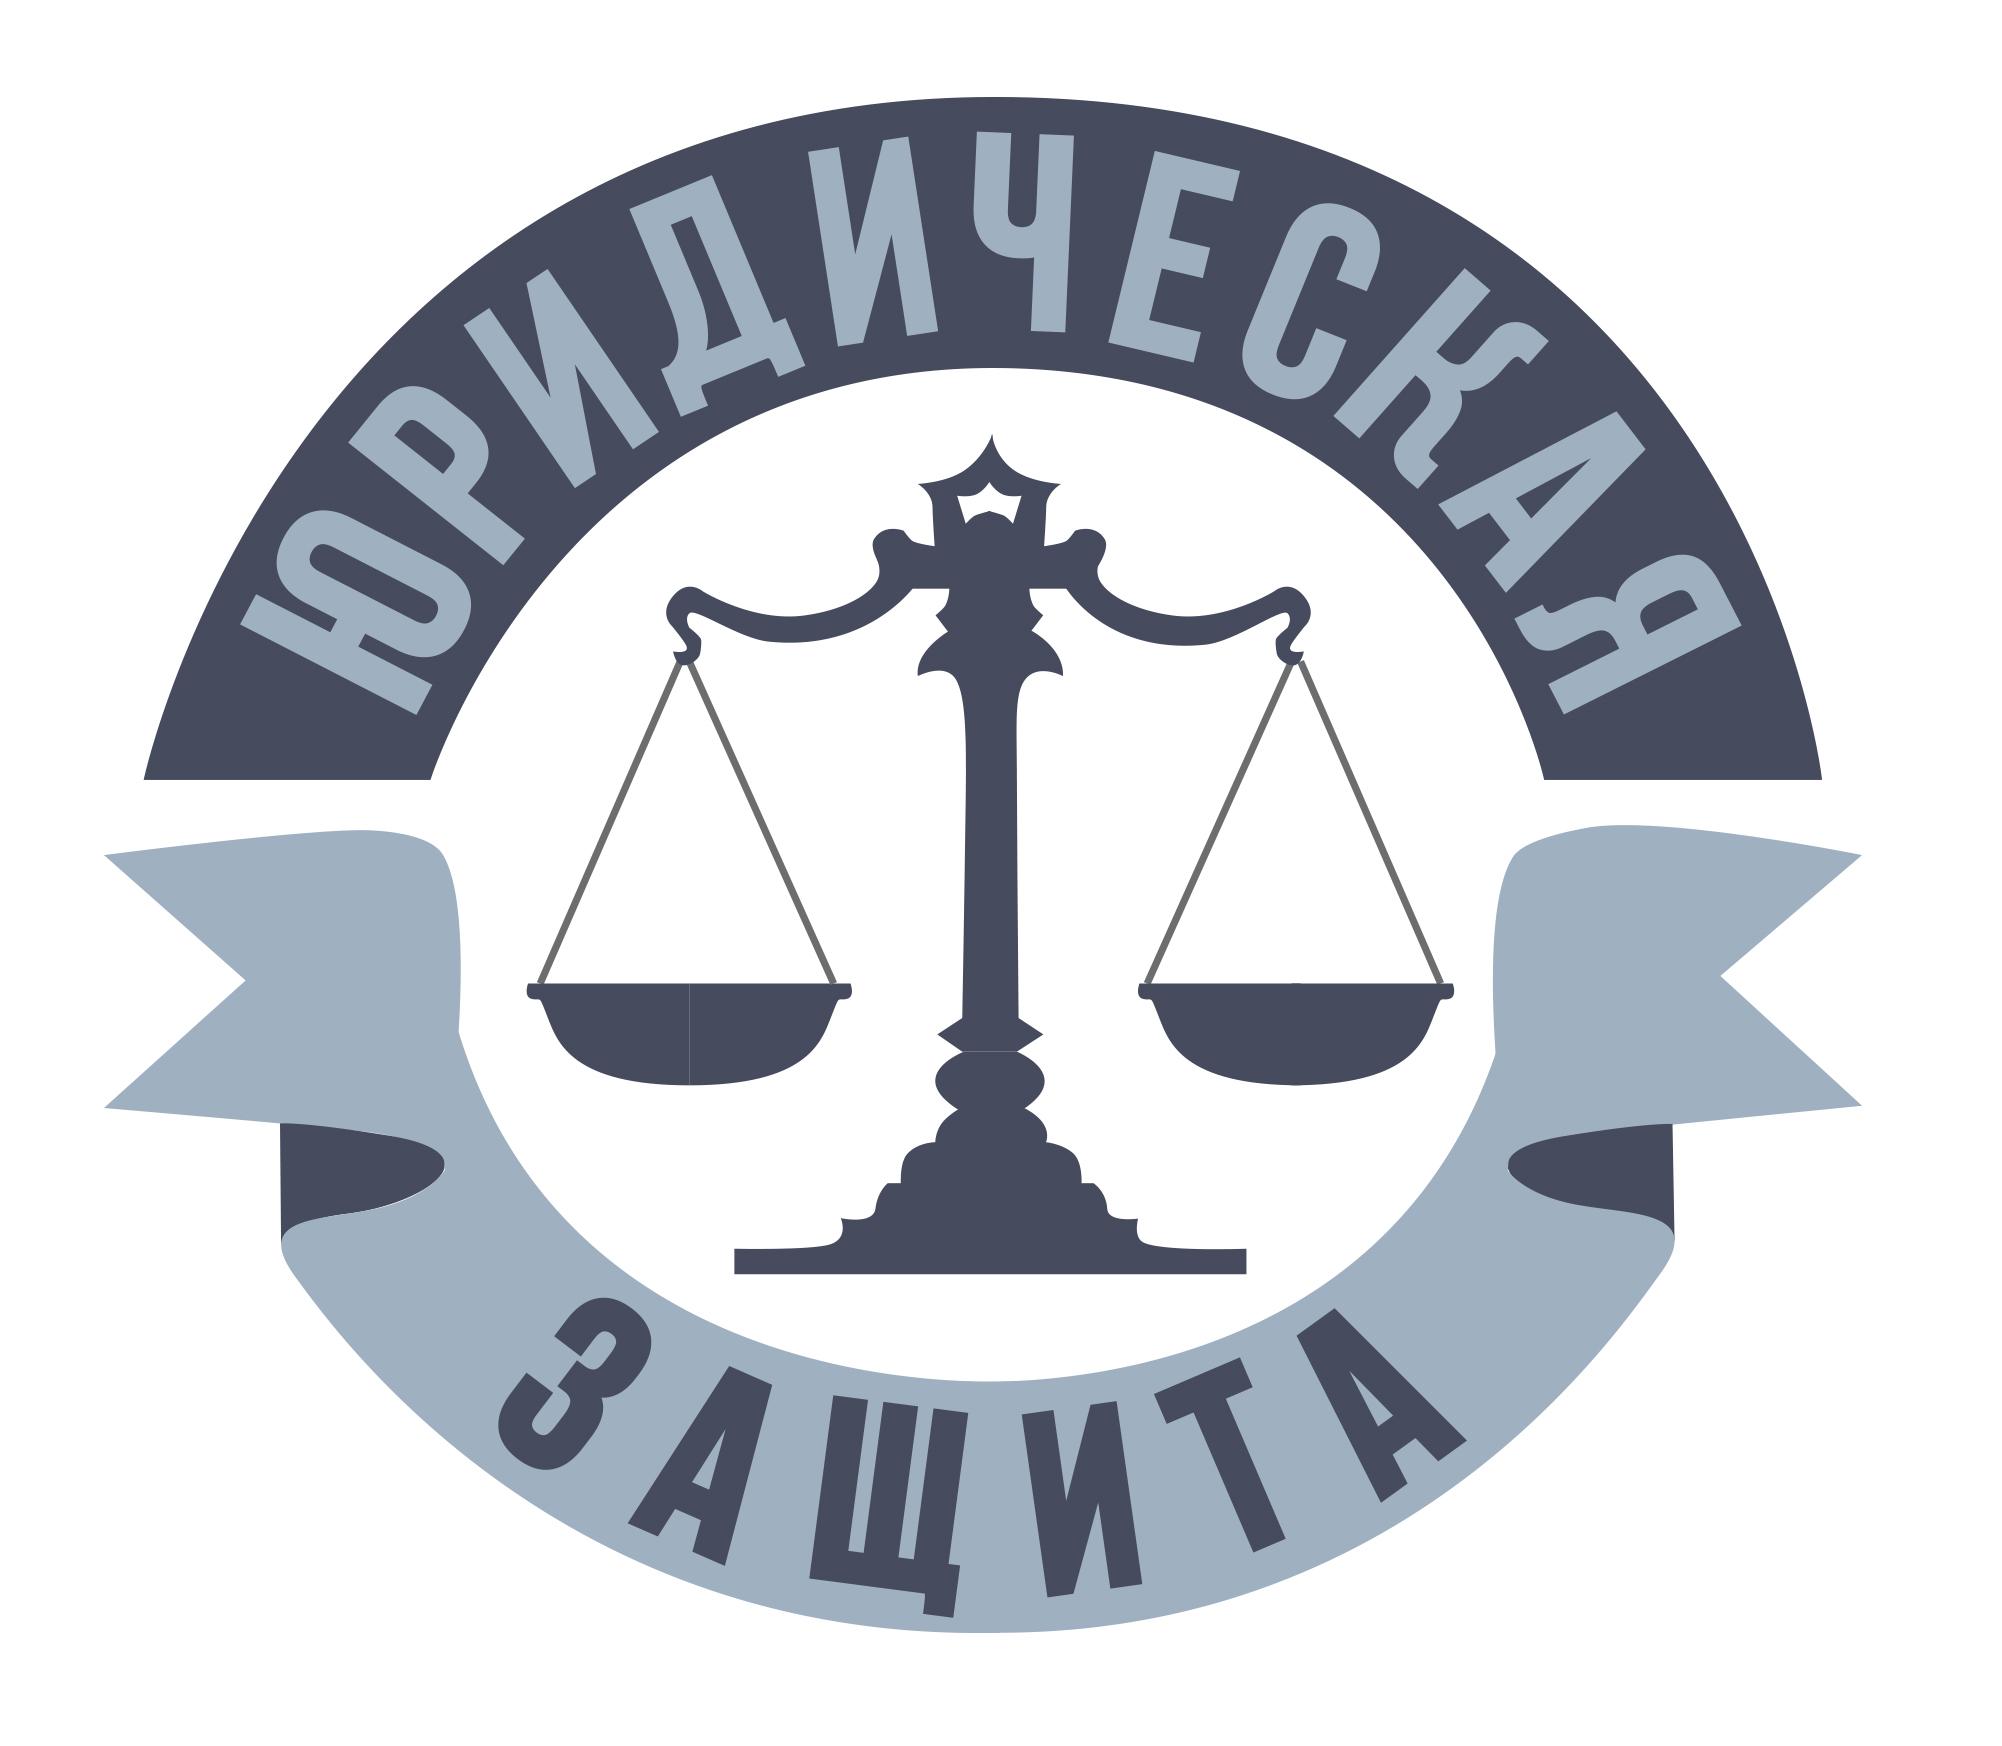 Разработка логотипа для юридической компании фото f_14655e34dd4efe2a.jpg